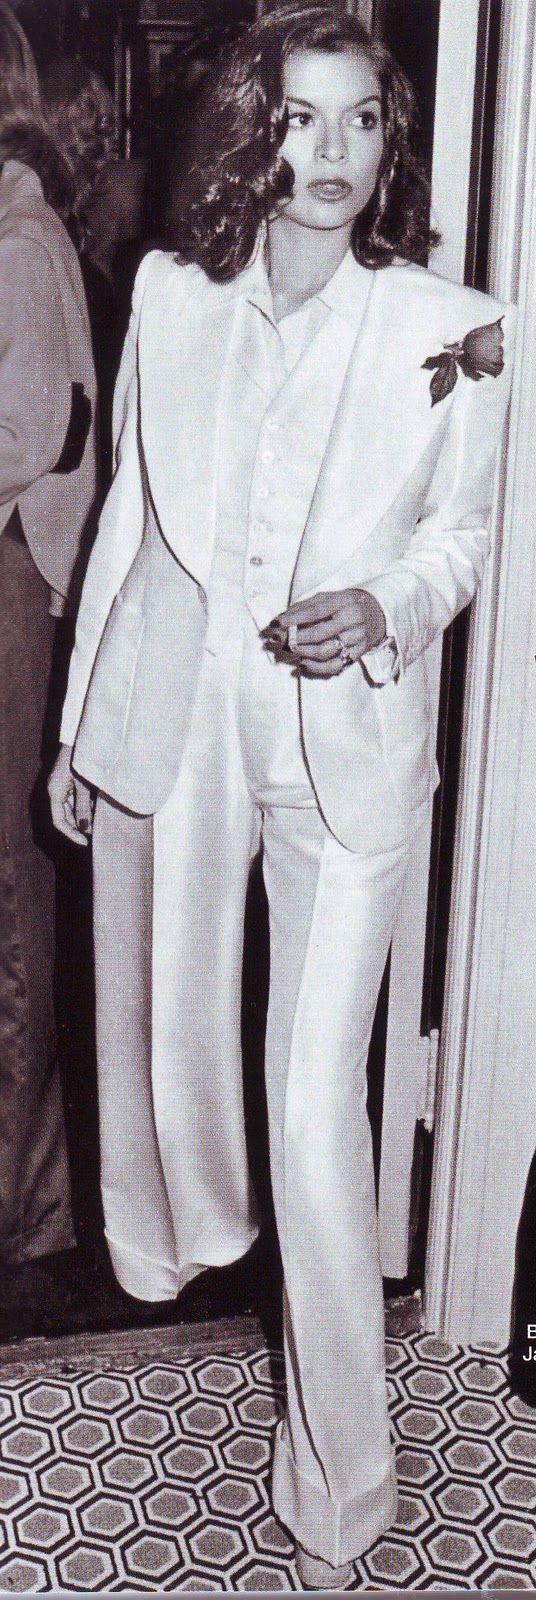 Tuxedo13.jpg